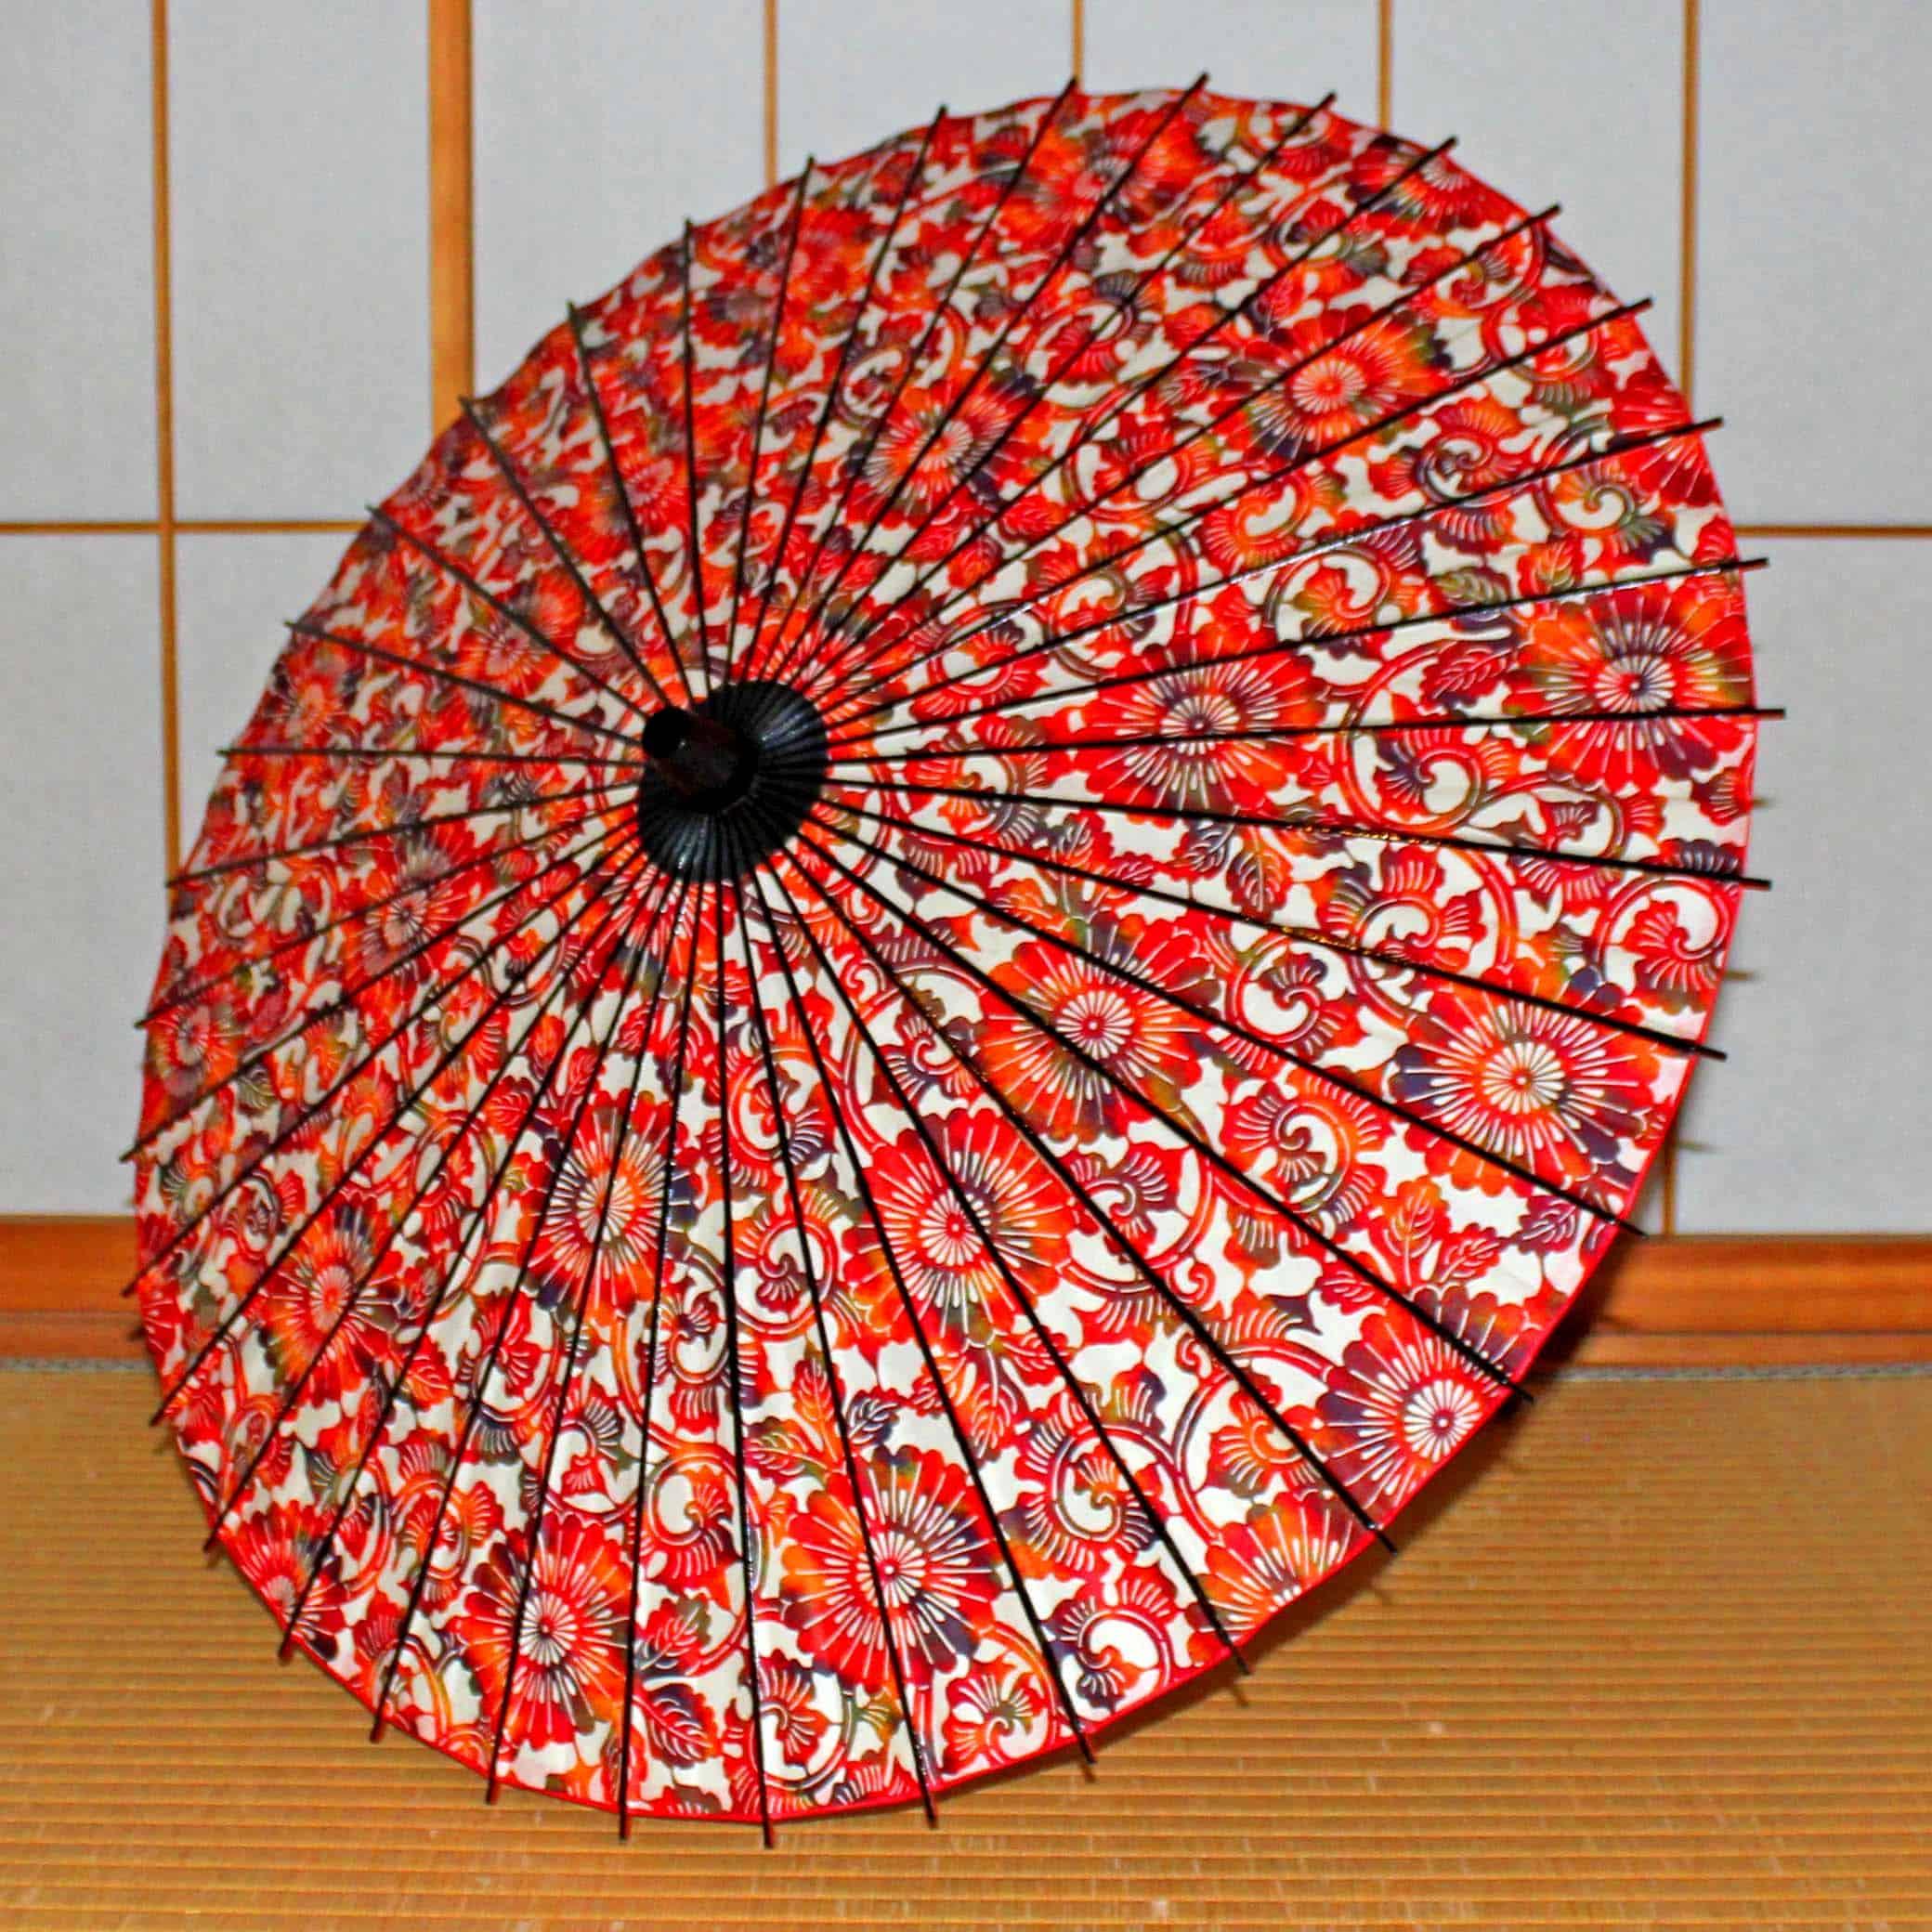 Paper Naturally Parasol Black Bamboo Red Kyoto Tsujikura The